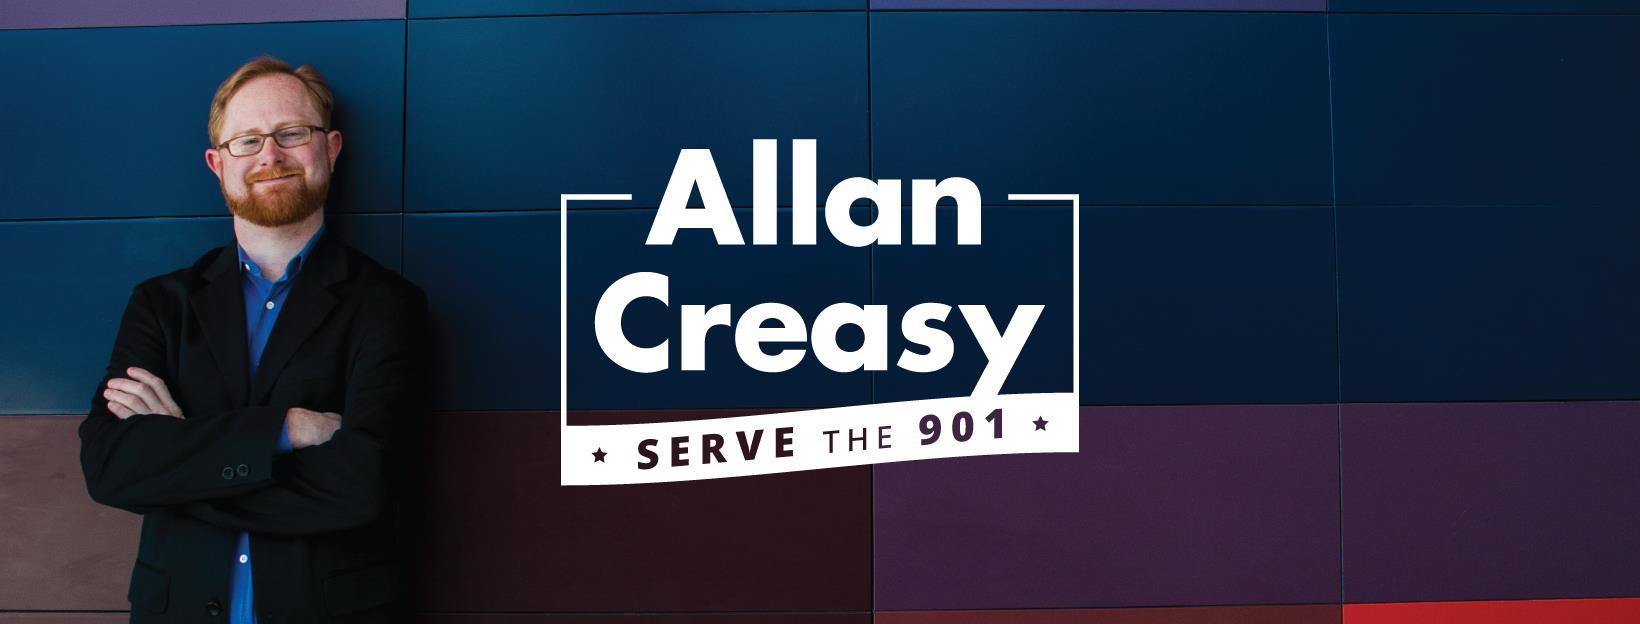 Allan Creasy